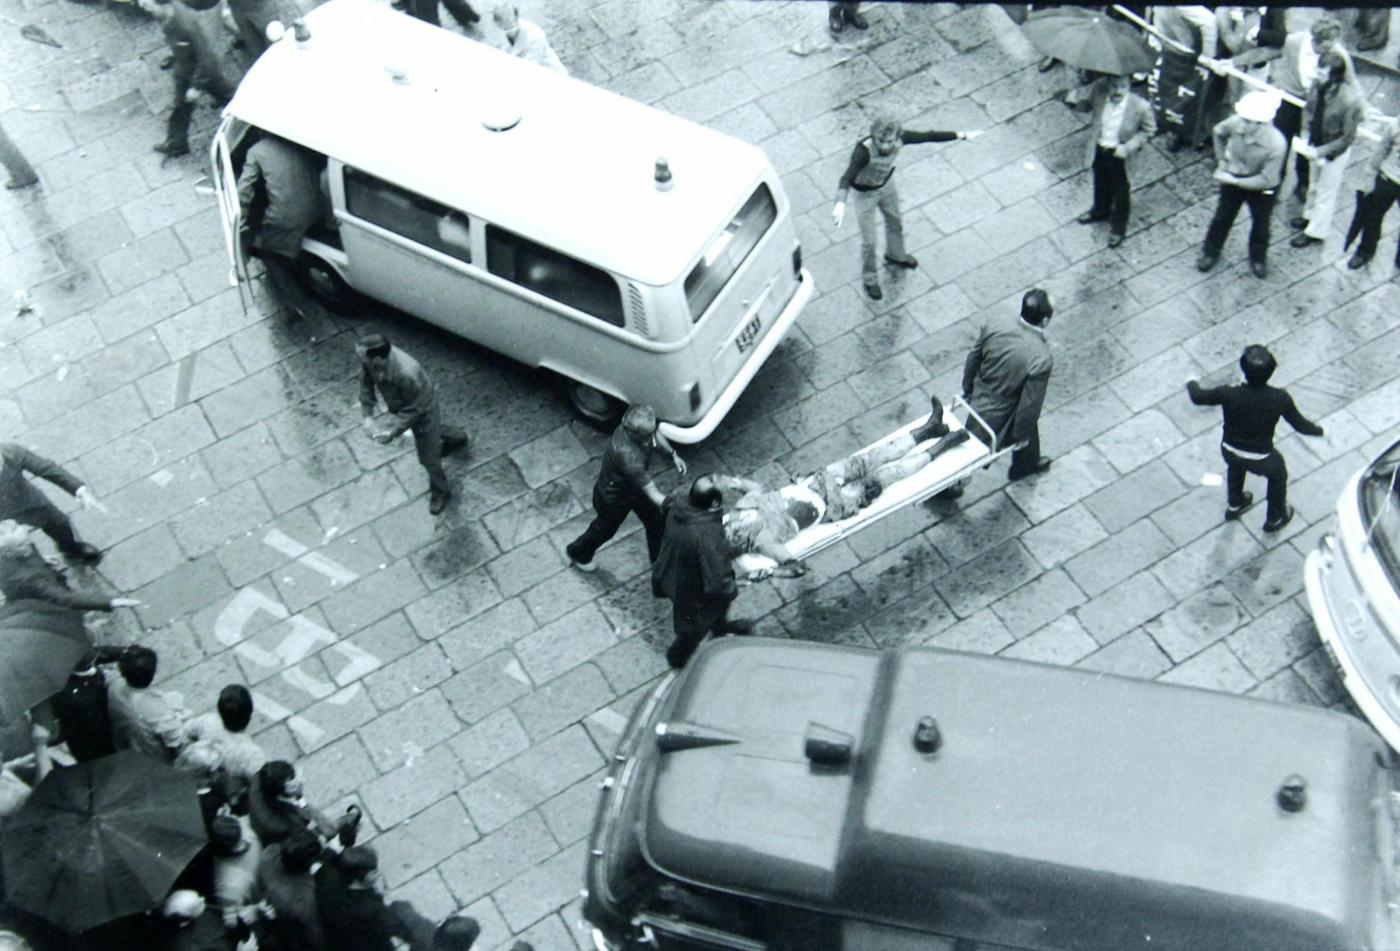 Strage di Piazza Loggia sentenza di ergastolo in appello Bis per Tramonte e Maggi